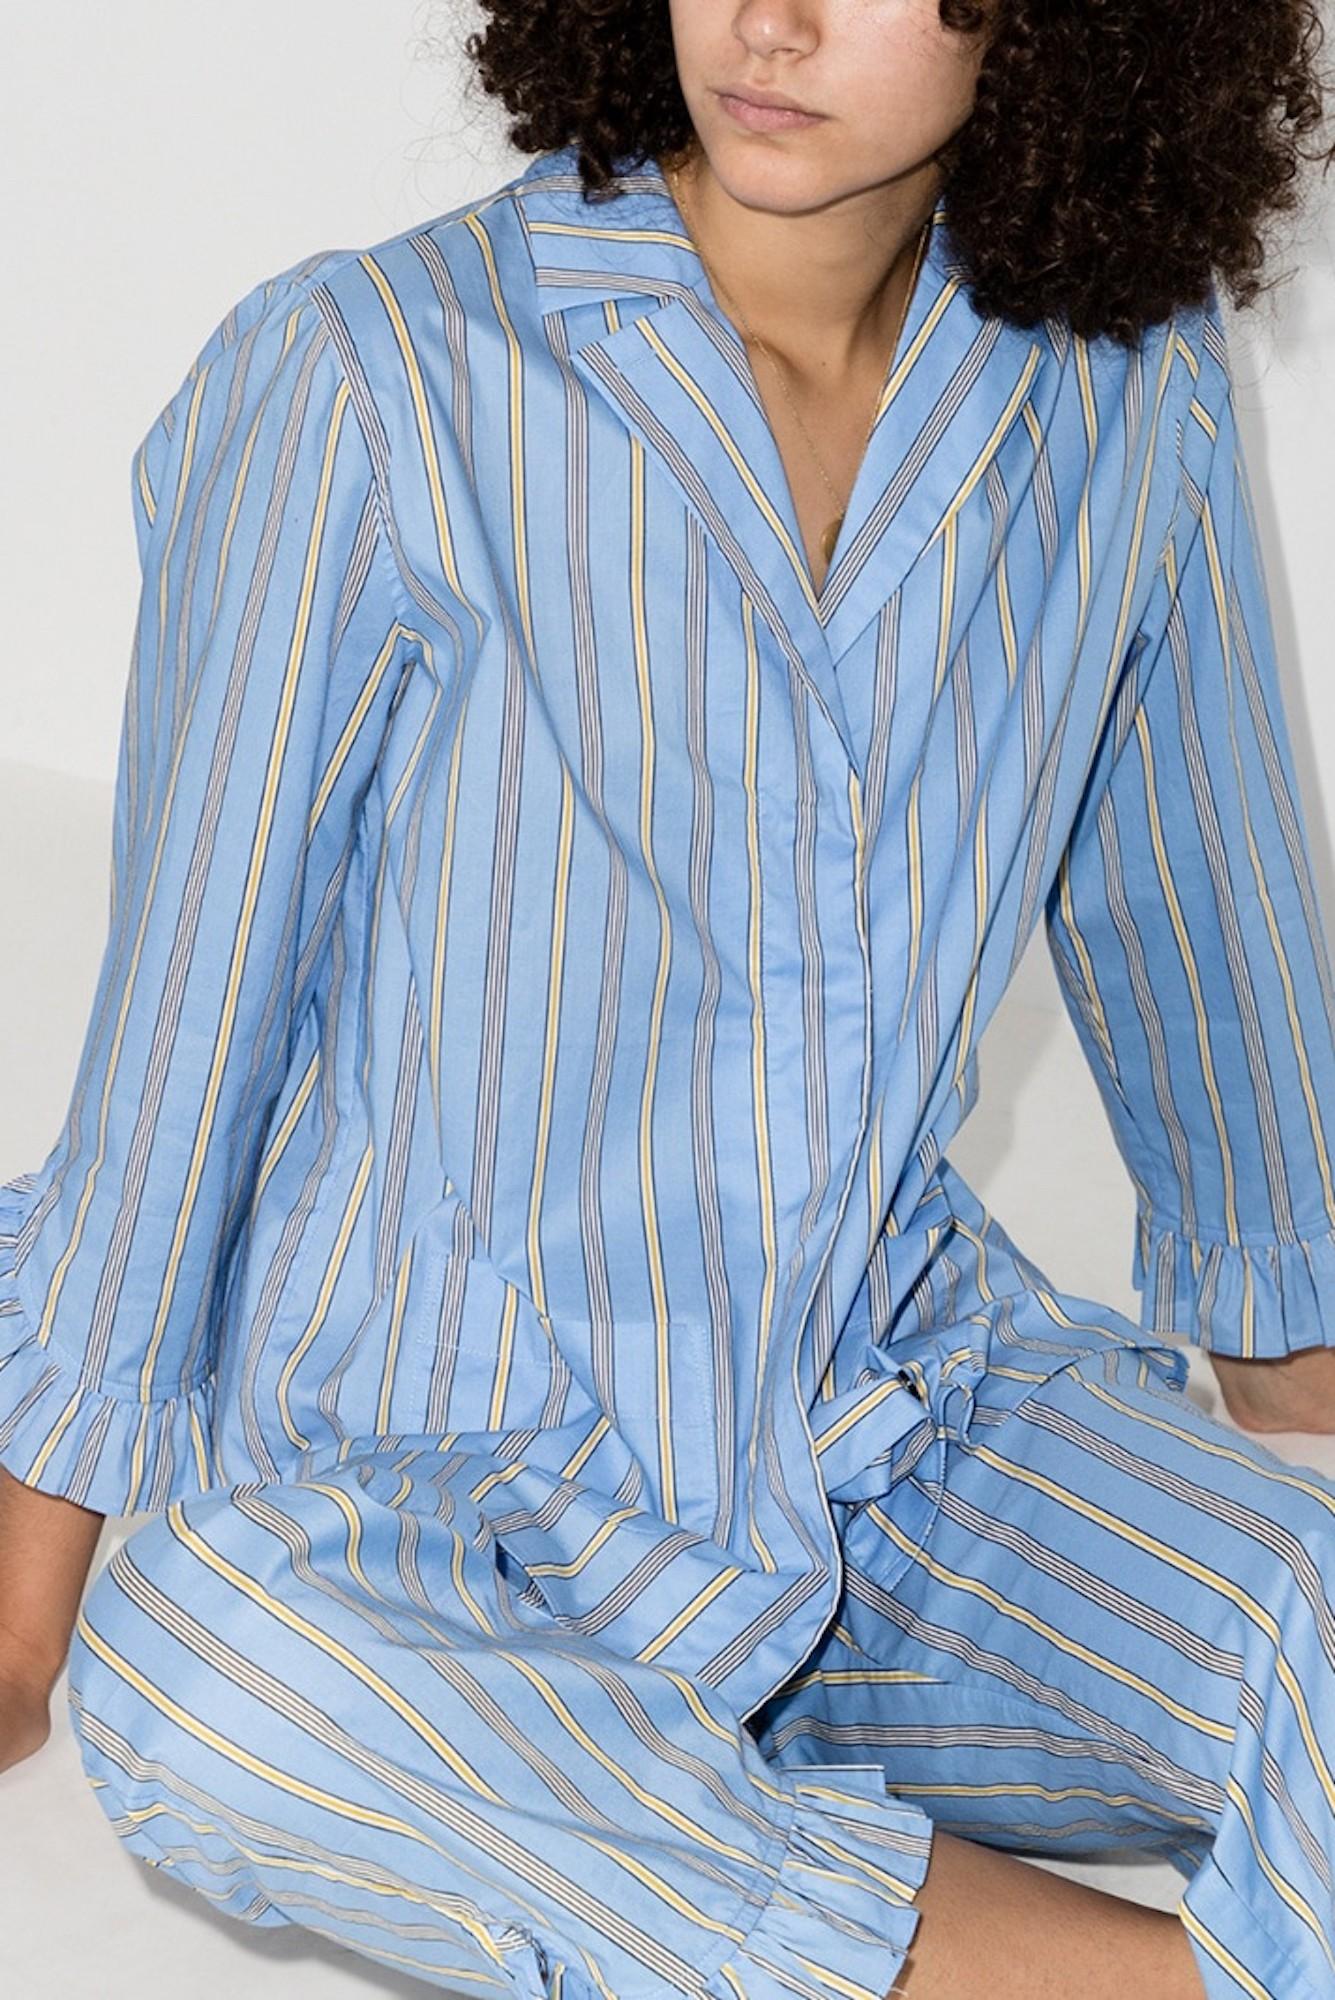 Ganni выпустил капсульную коллекцию пижам (фото 1)